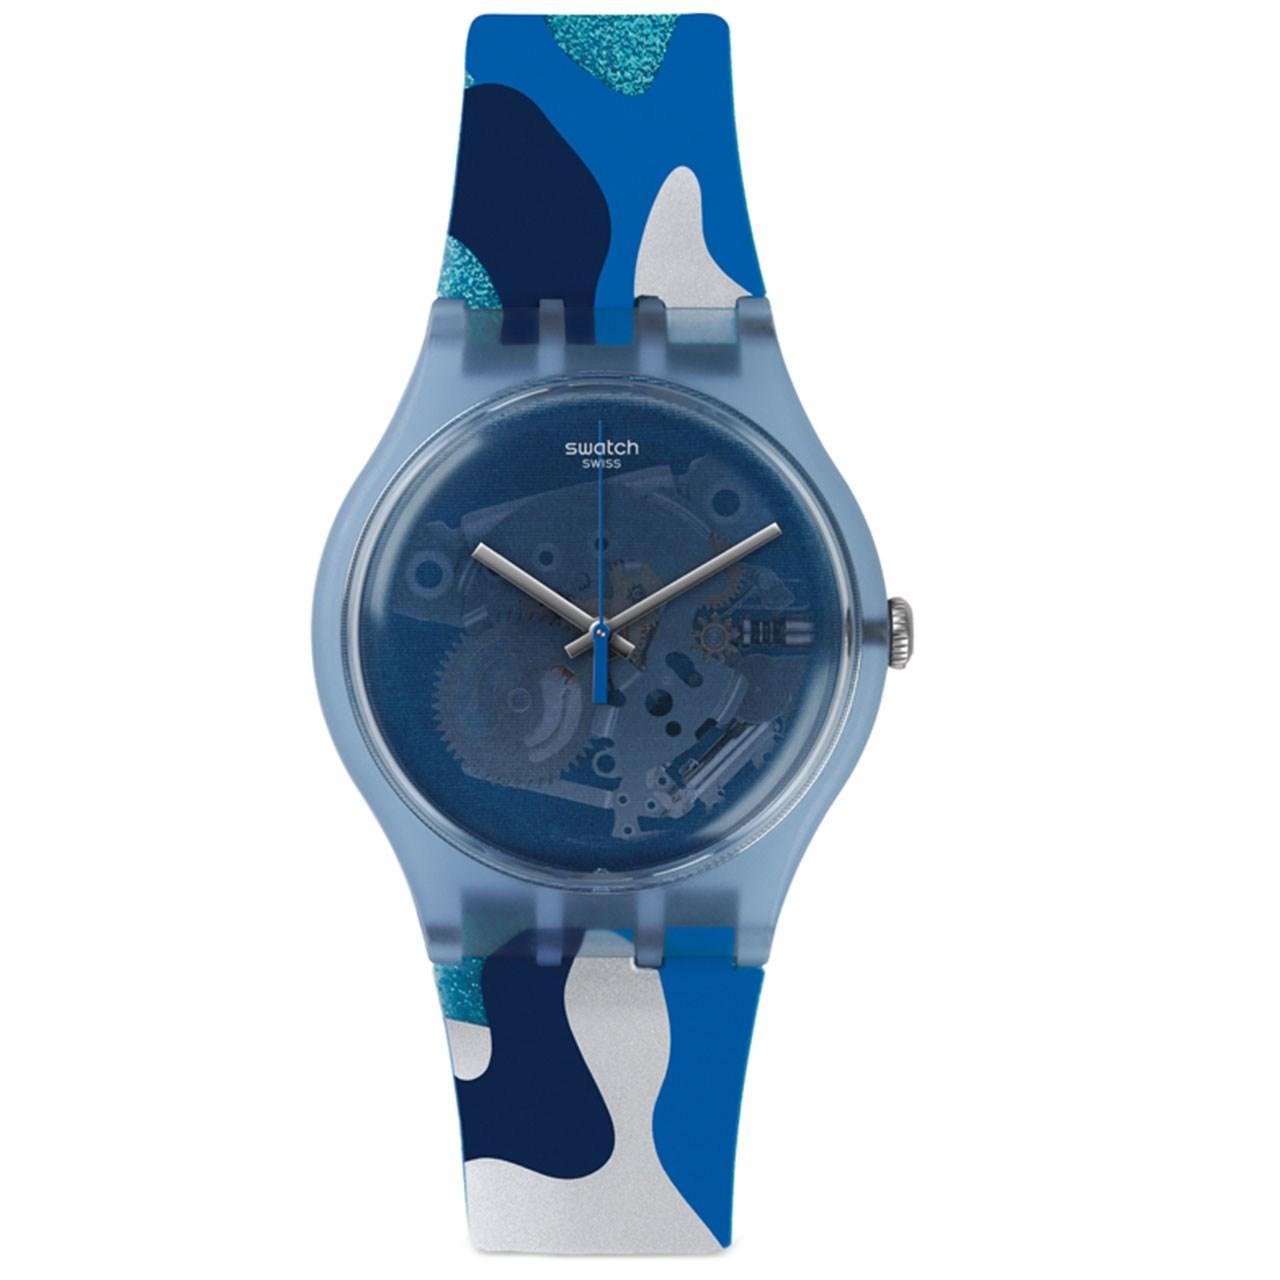 ساعت مچی عقربه ای سواچ مدل SUOZ215